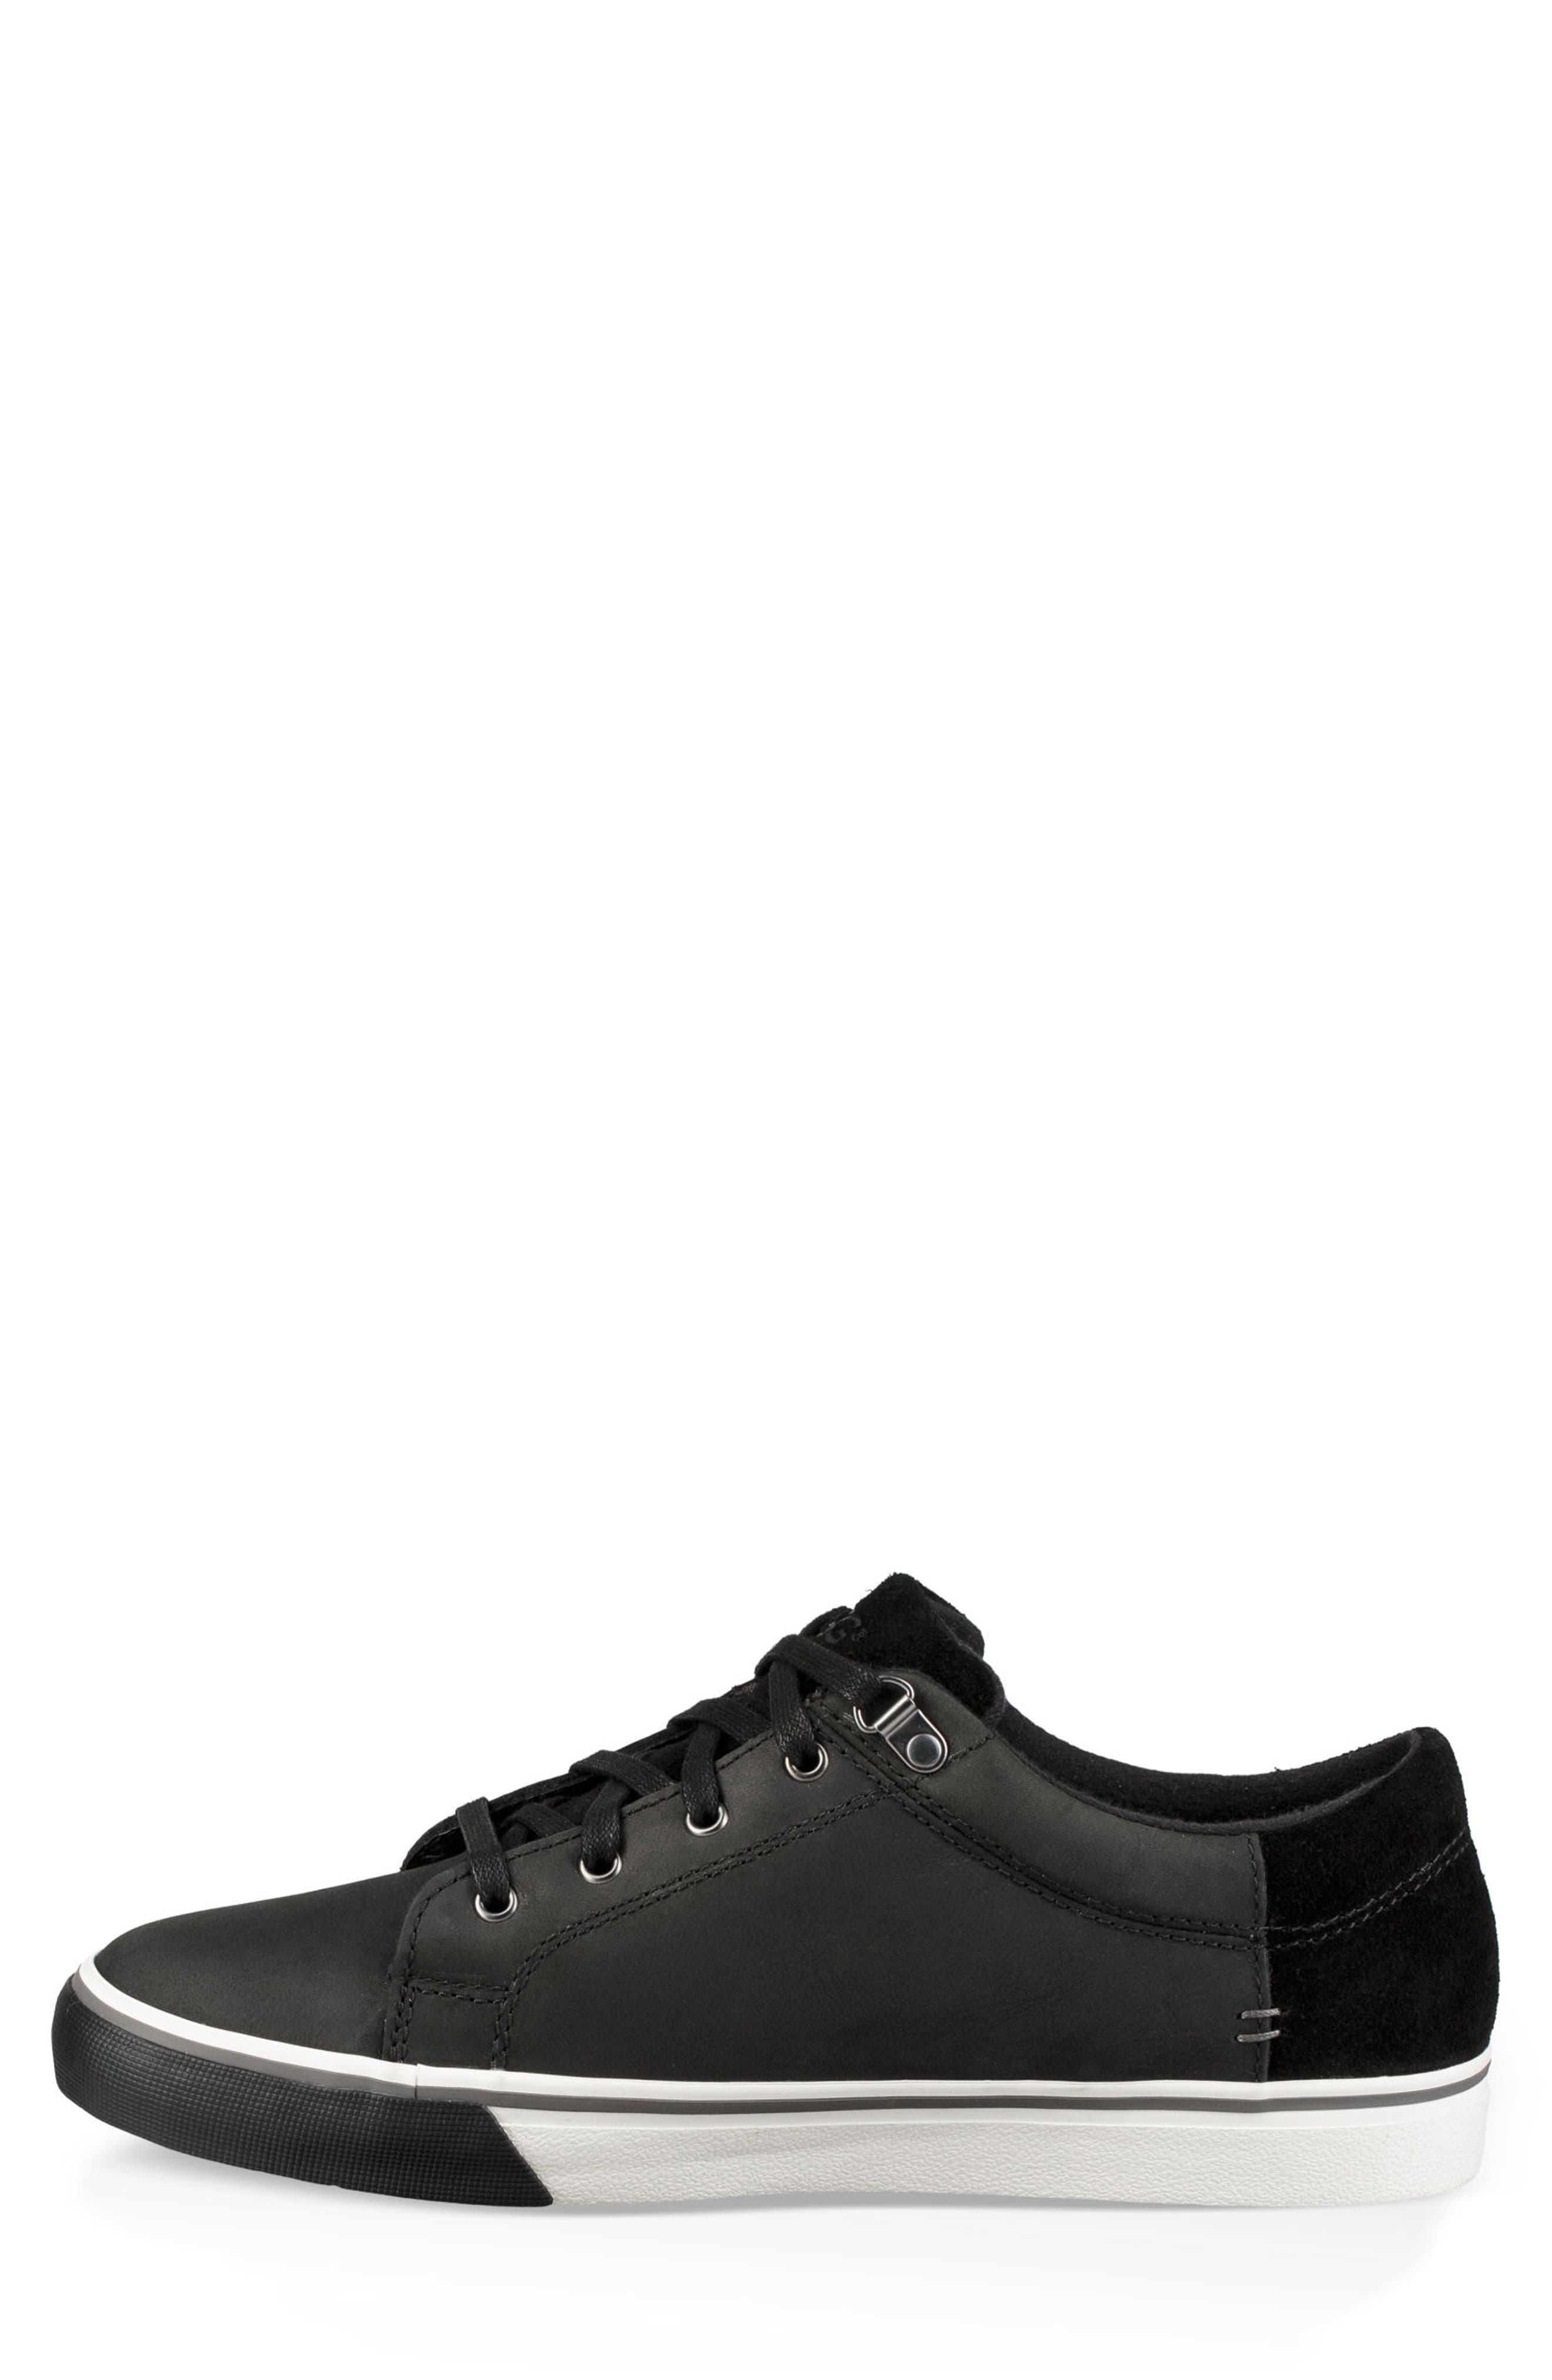 Brock II Waterproof Sneaker,                             Alternate thumbnail 3, color,                             BLACK